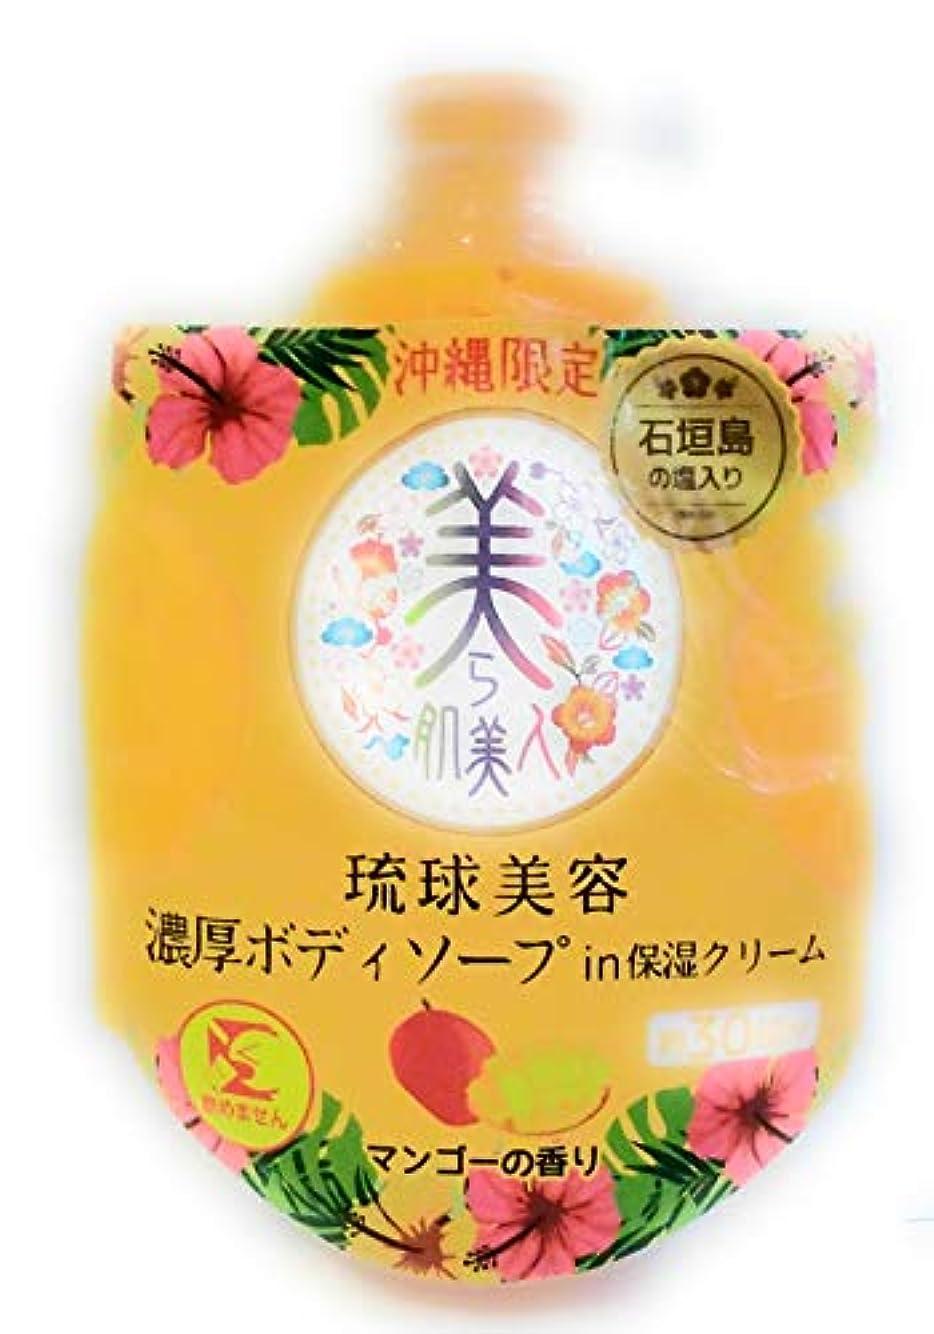 青協同うなり声沖縄限定 美ら肌美人 琉球美容濃厚ボディソープin保湿クリーム マンゴーの香り